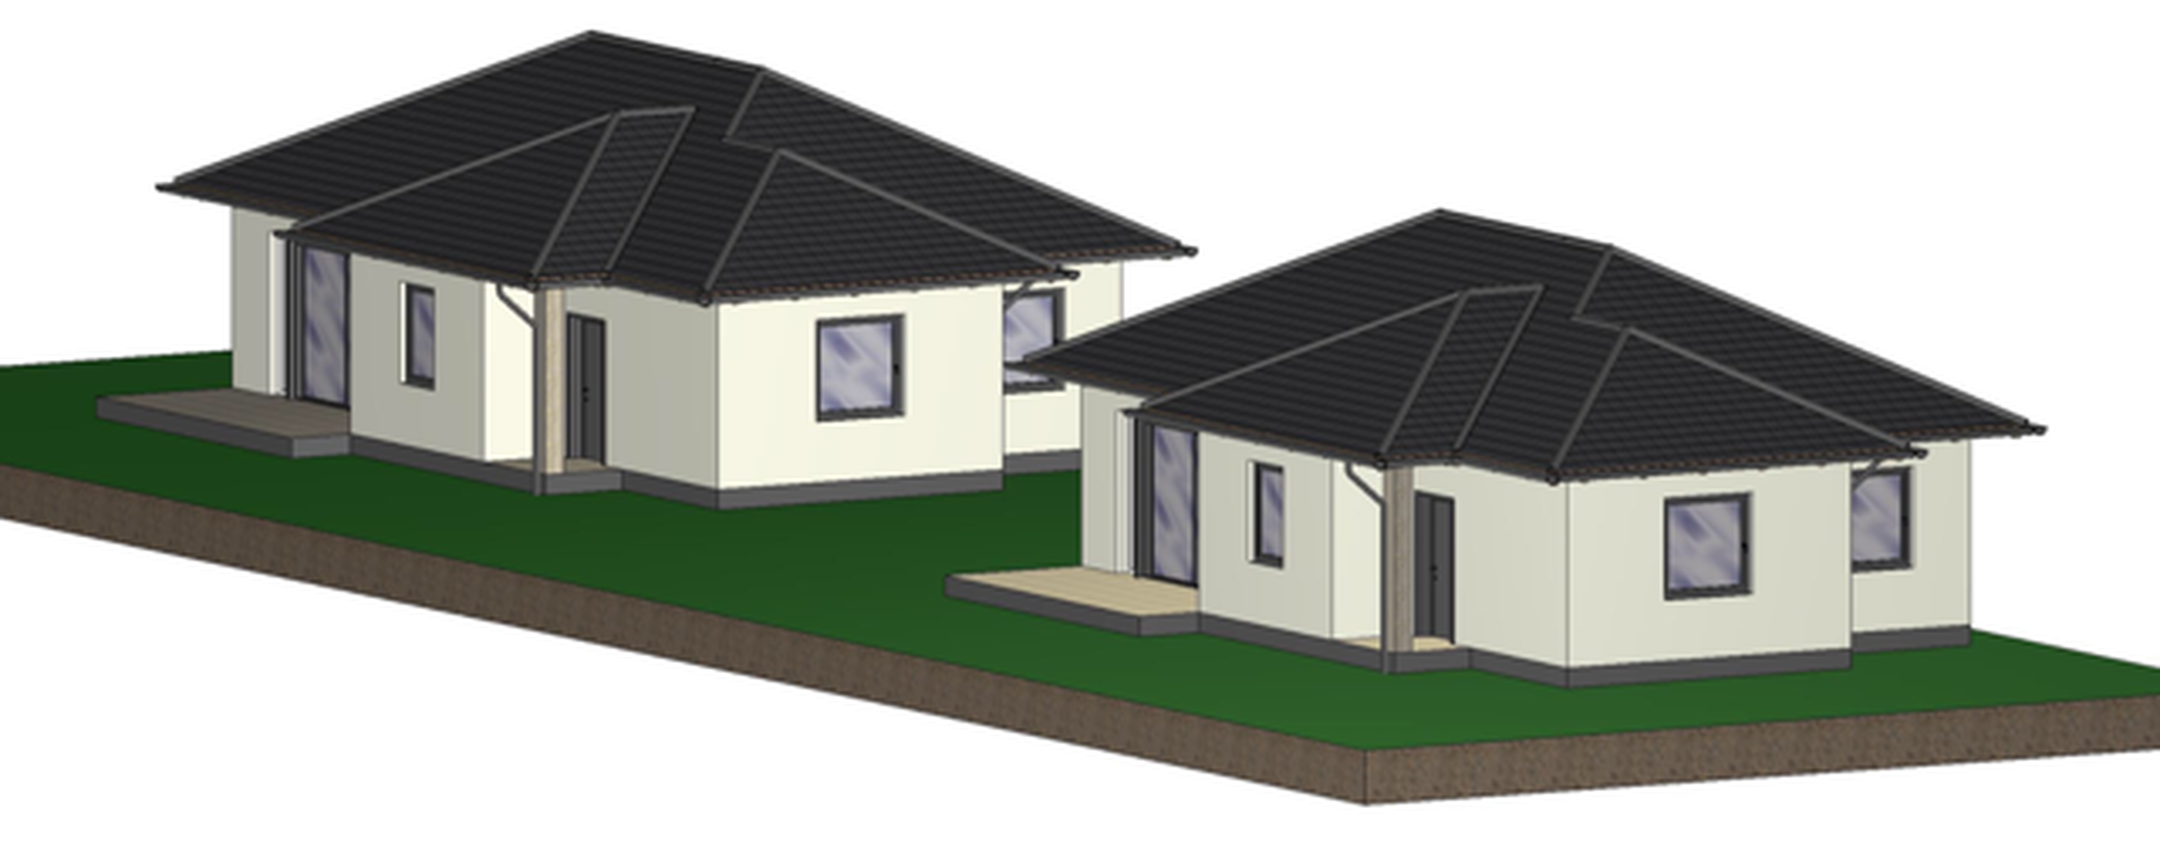 Ecser egyik közkedvelt,szép részén, igényesen kivitelezett,új építésű családi házak eladók!